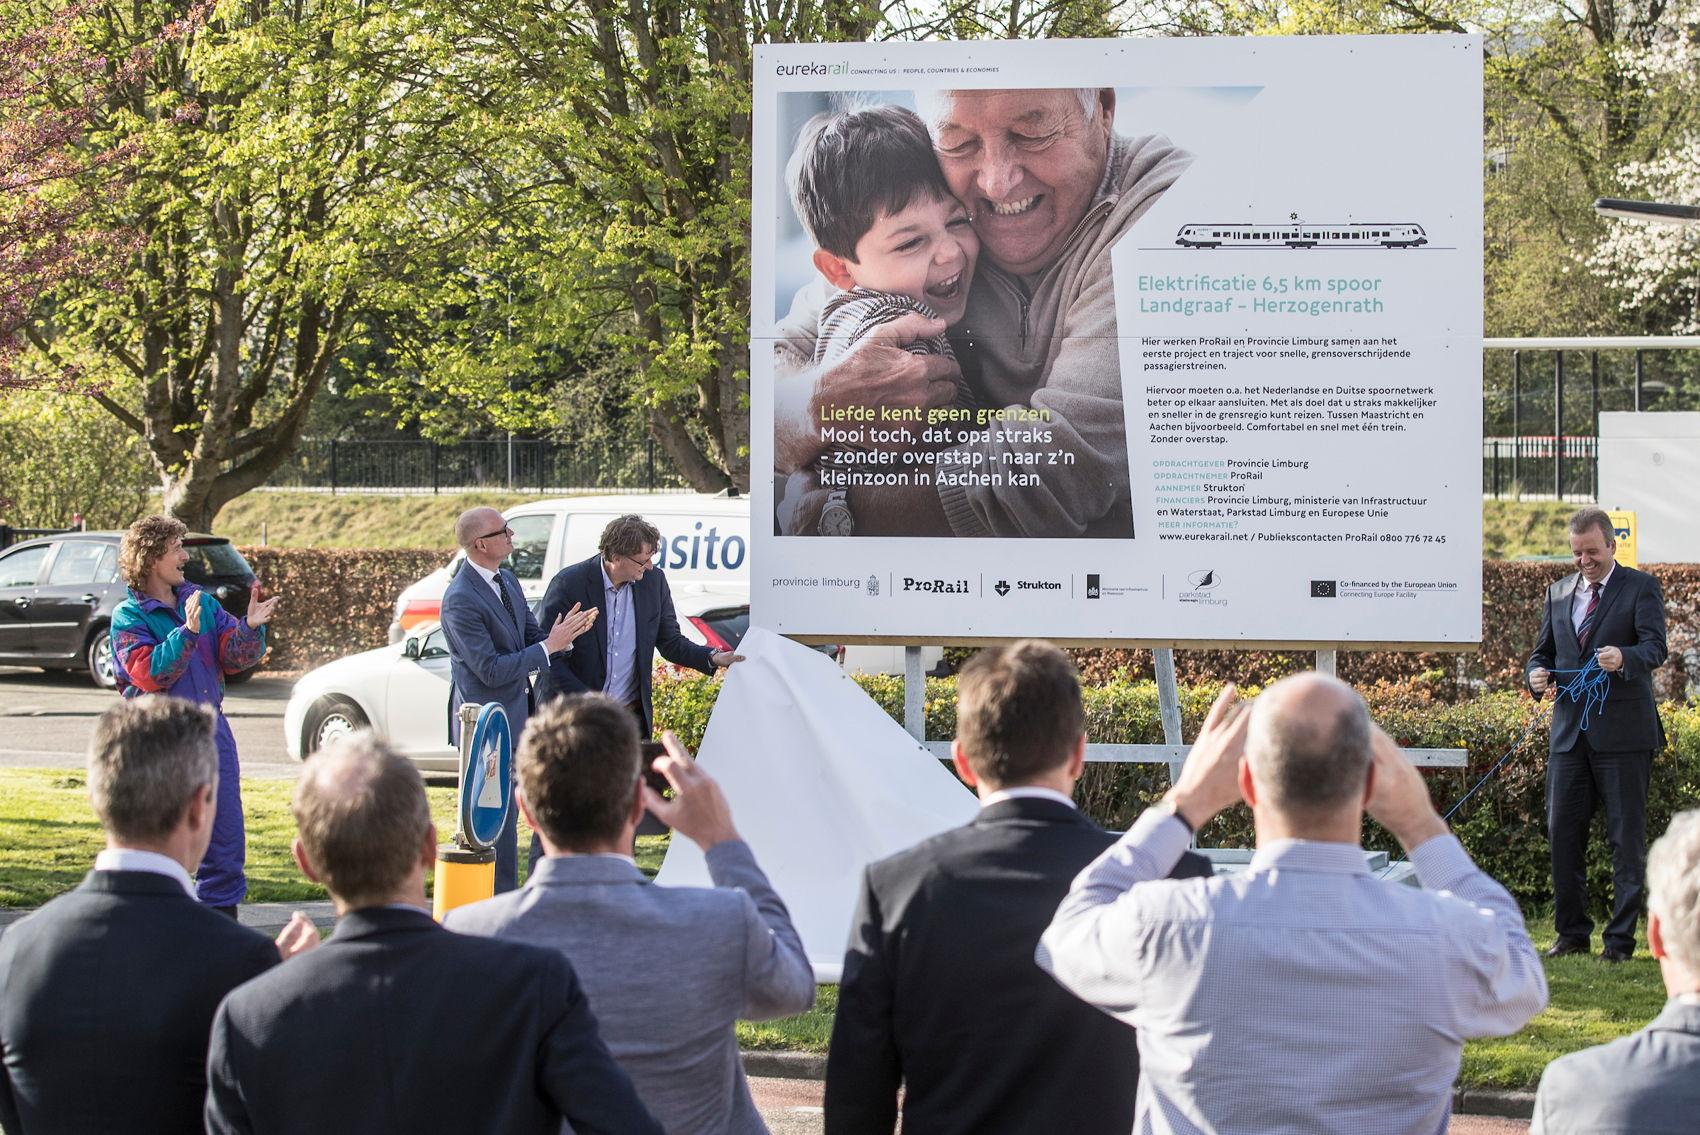 Liefde kent geen grenzen. Met EurekaRail is een stap gezet om reizen tussen Duitsland, België en Nederland gemakkelijker te maken.